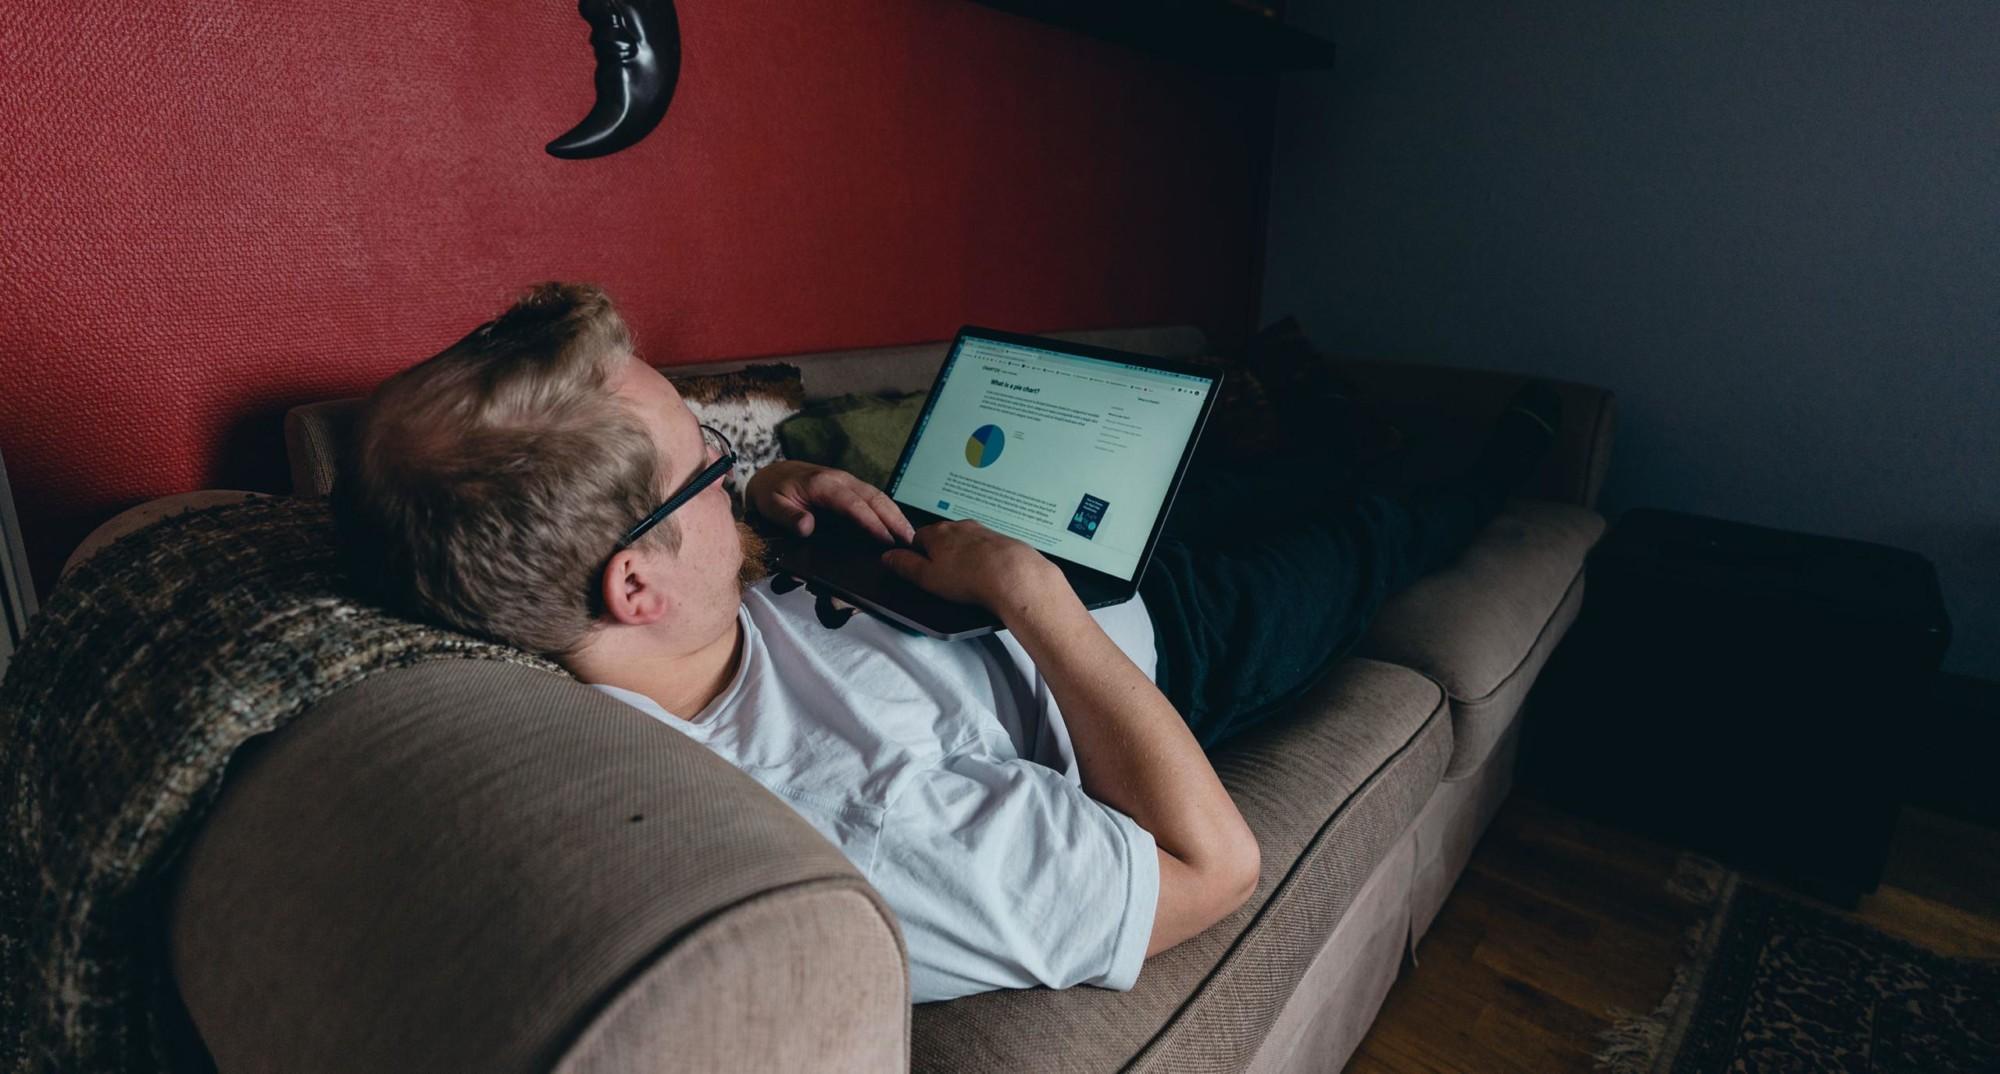 Mies makaa sohvalla ja selaa nettiä.